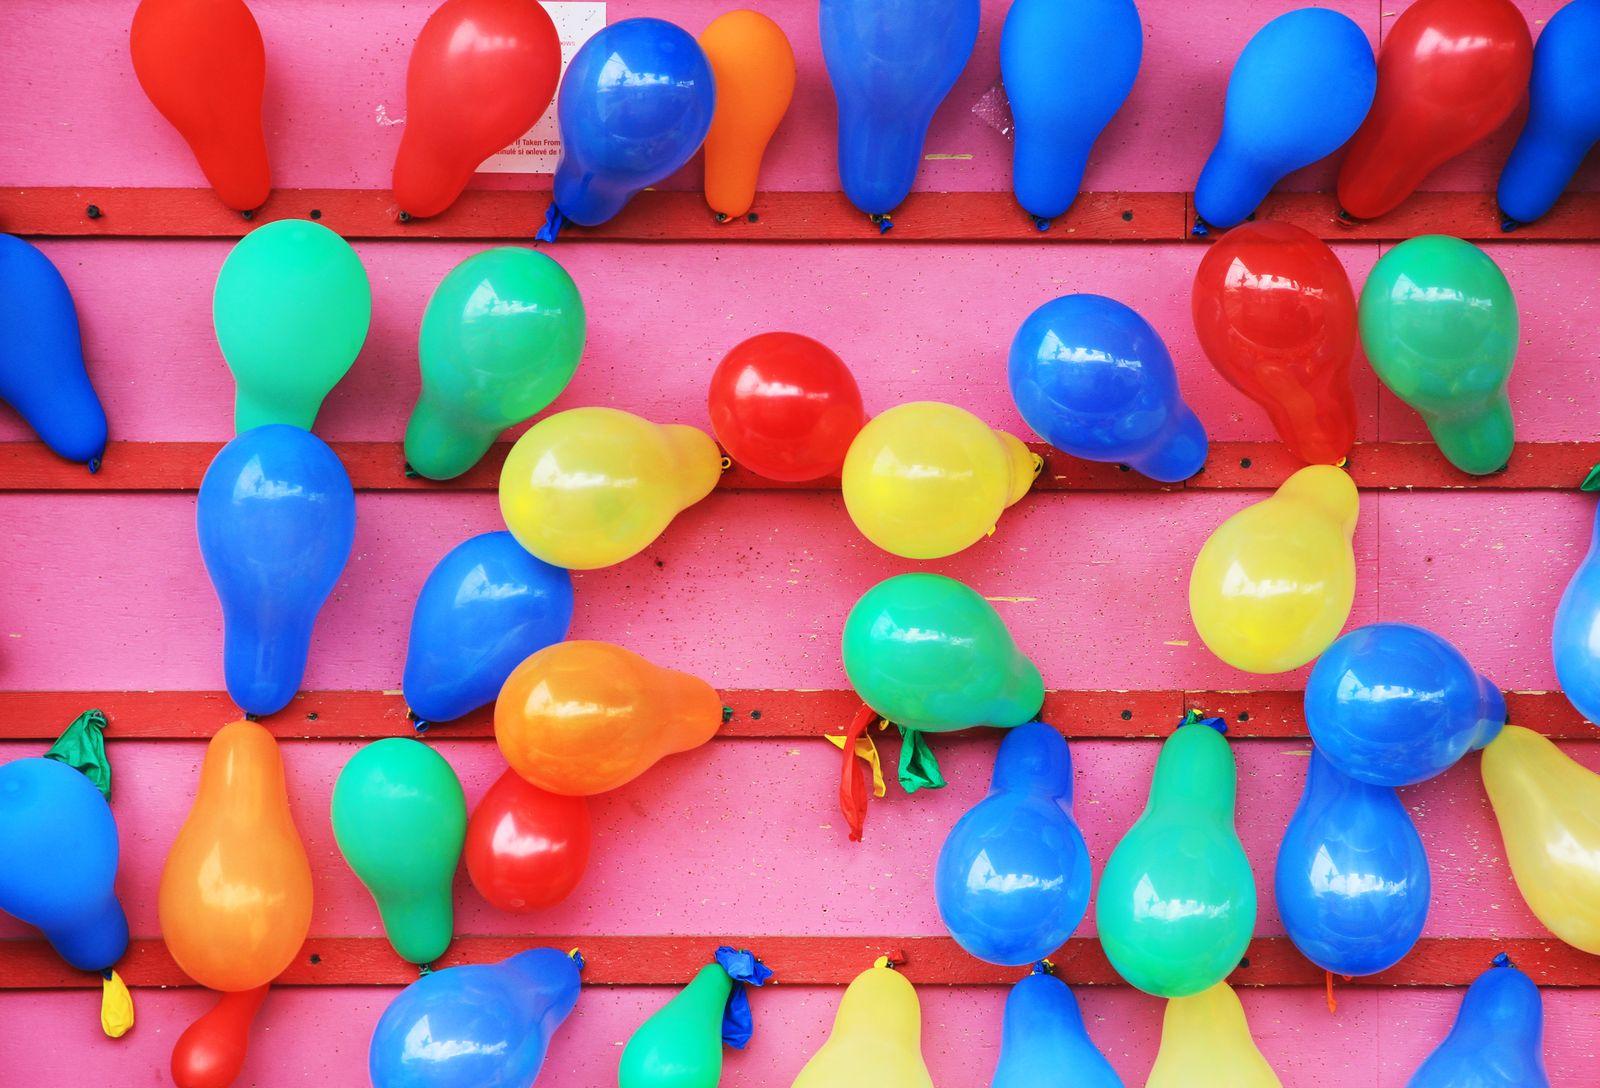 Baloons at Fair